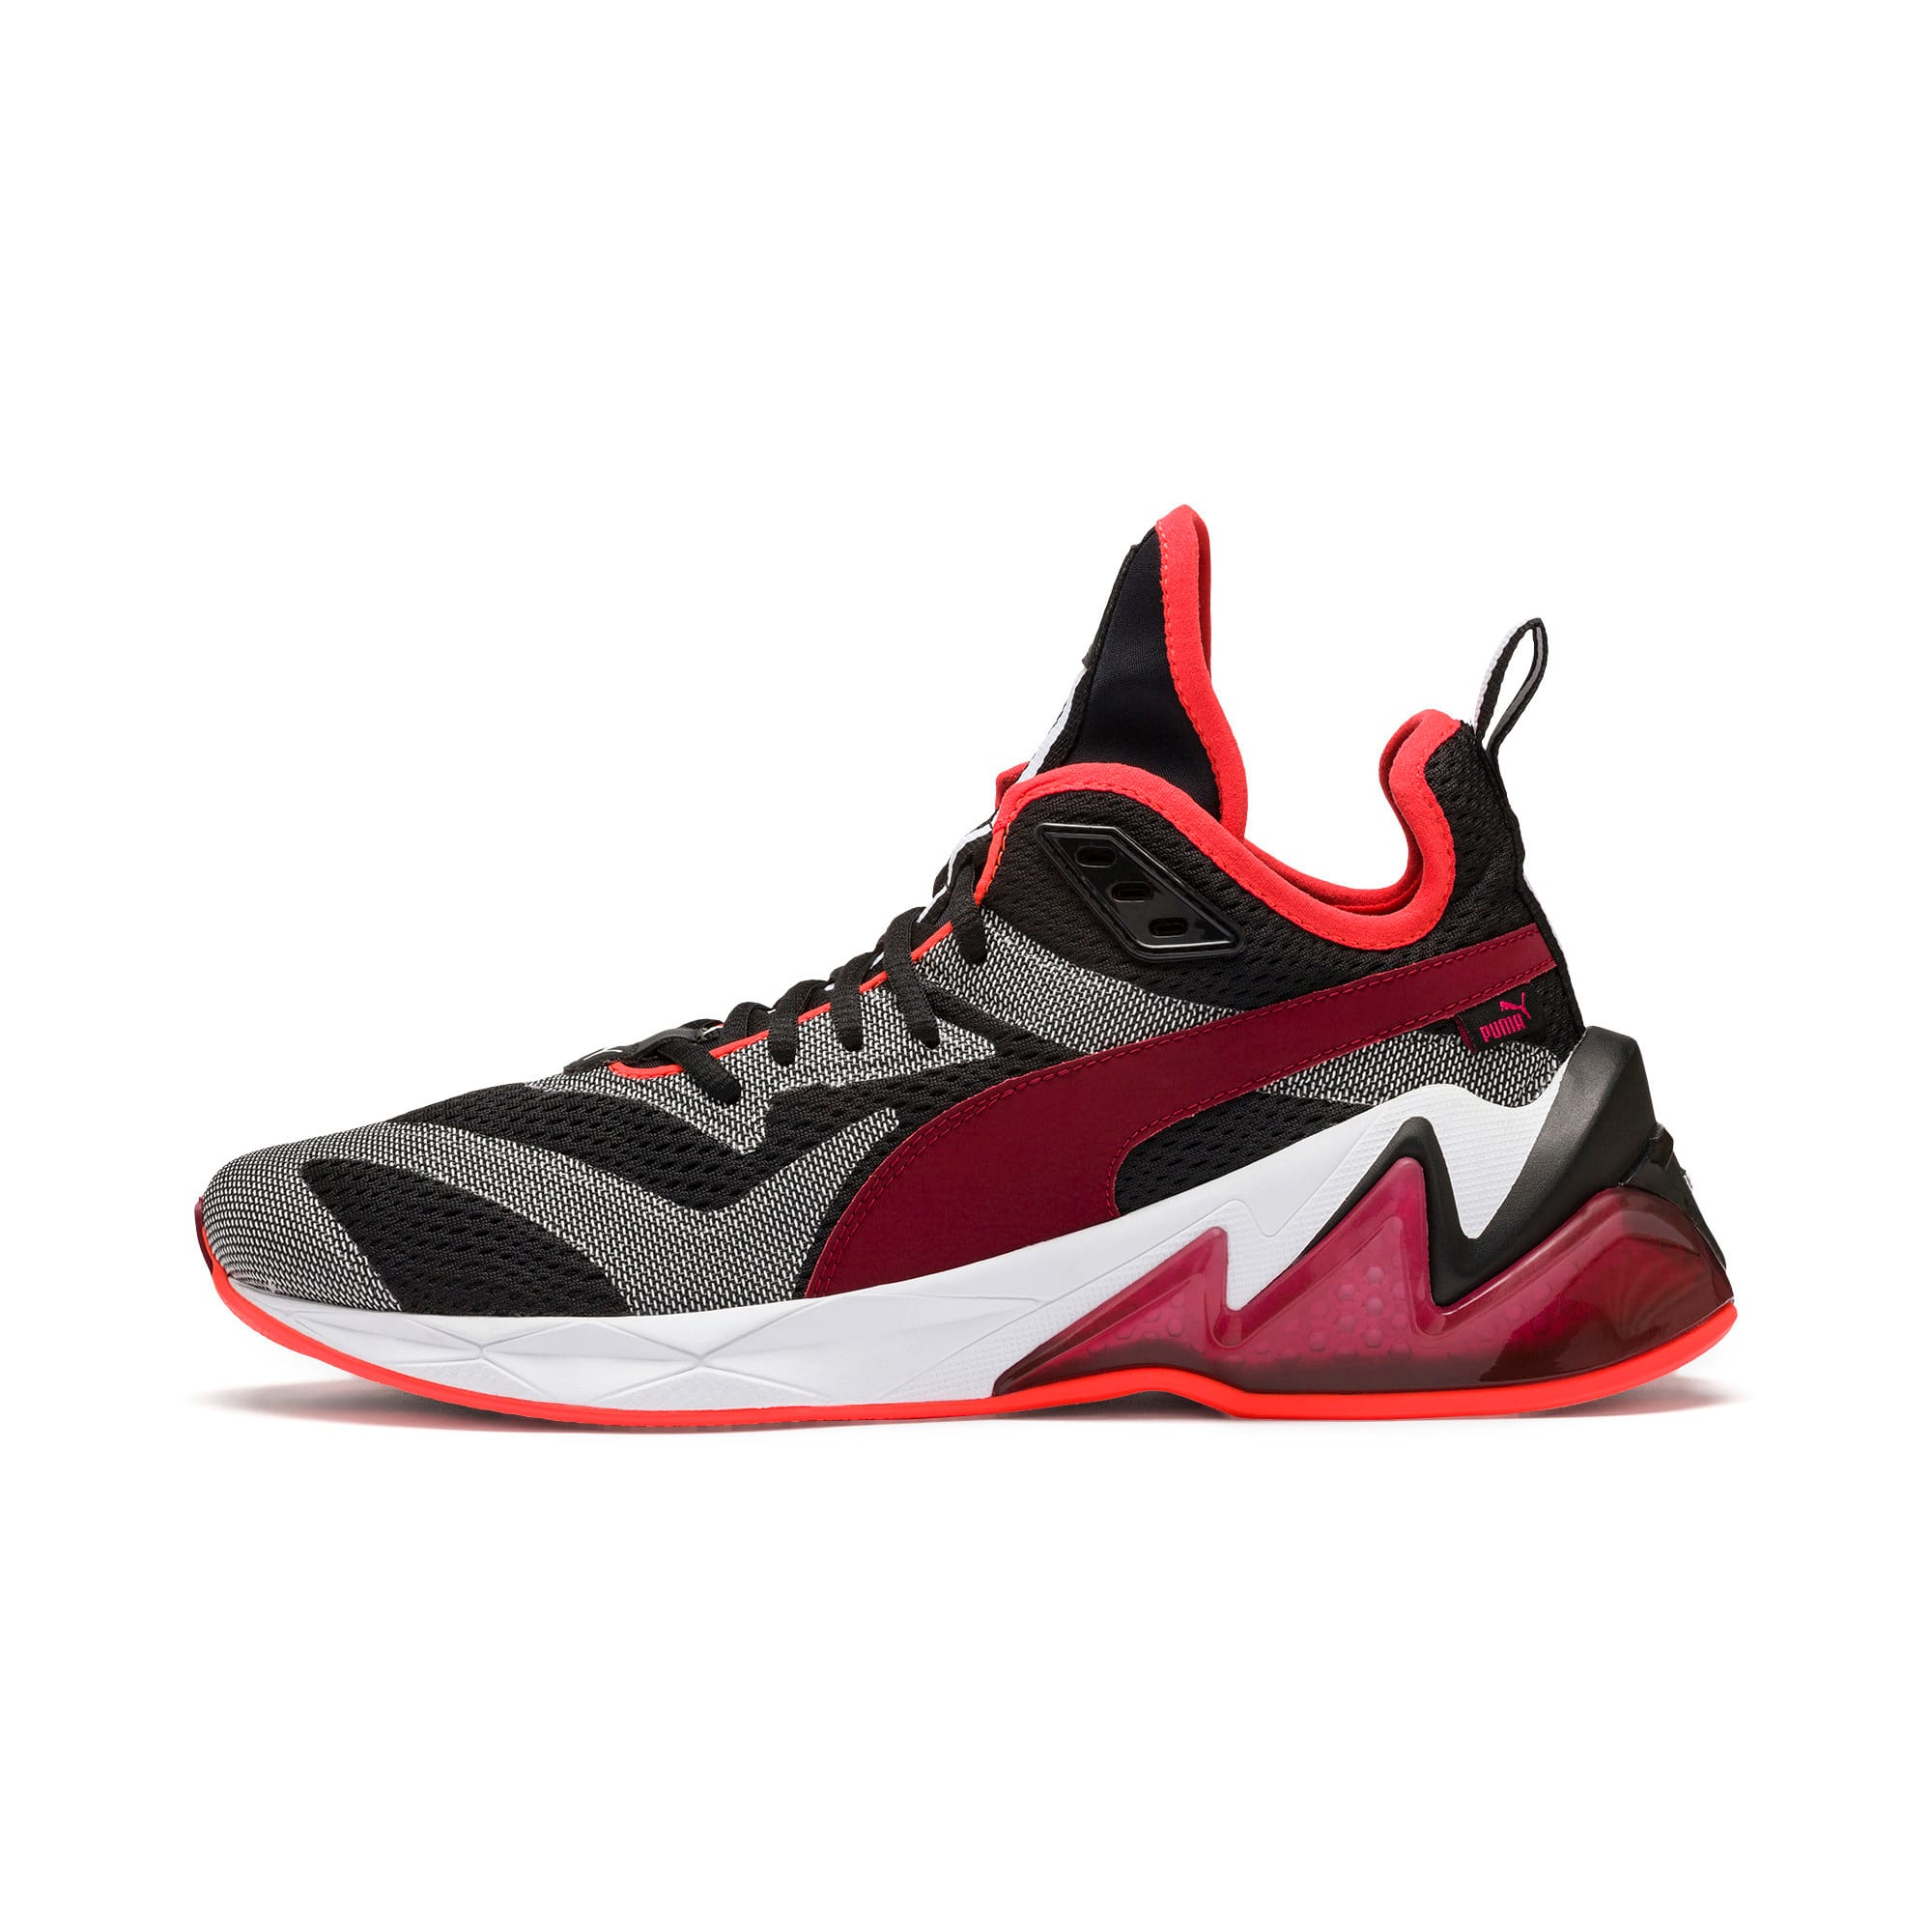 Thumbnail 1 of Chaussure d'entraînement LQDCELL Origin Tech pour homme, Puma Black-Rhubarb, medium